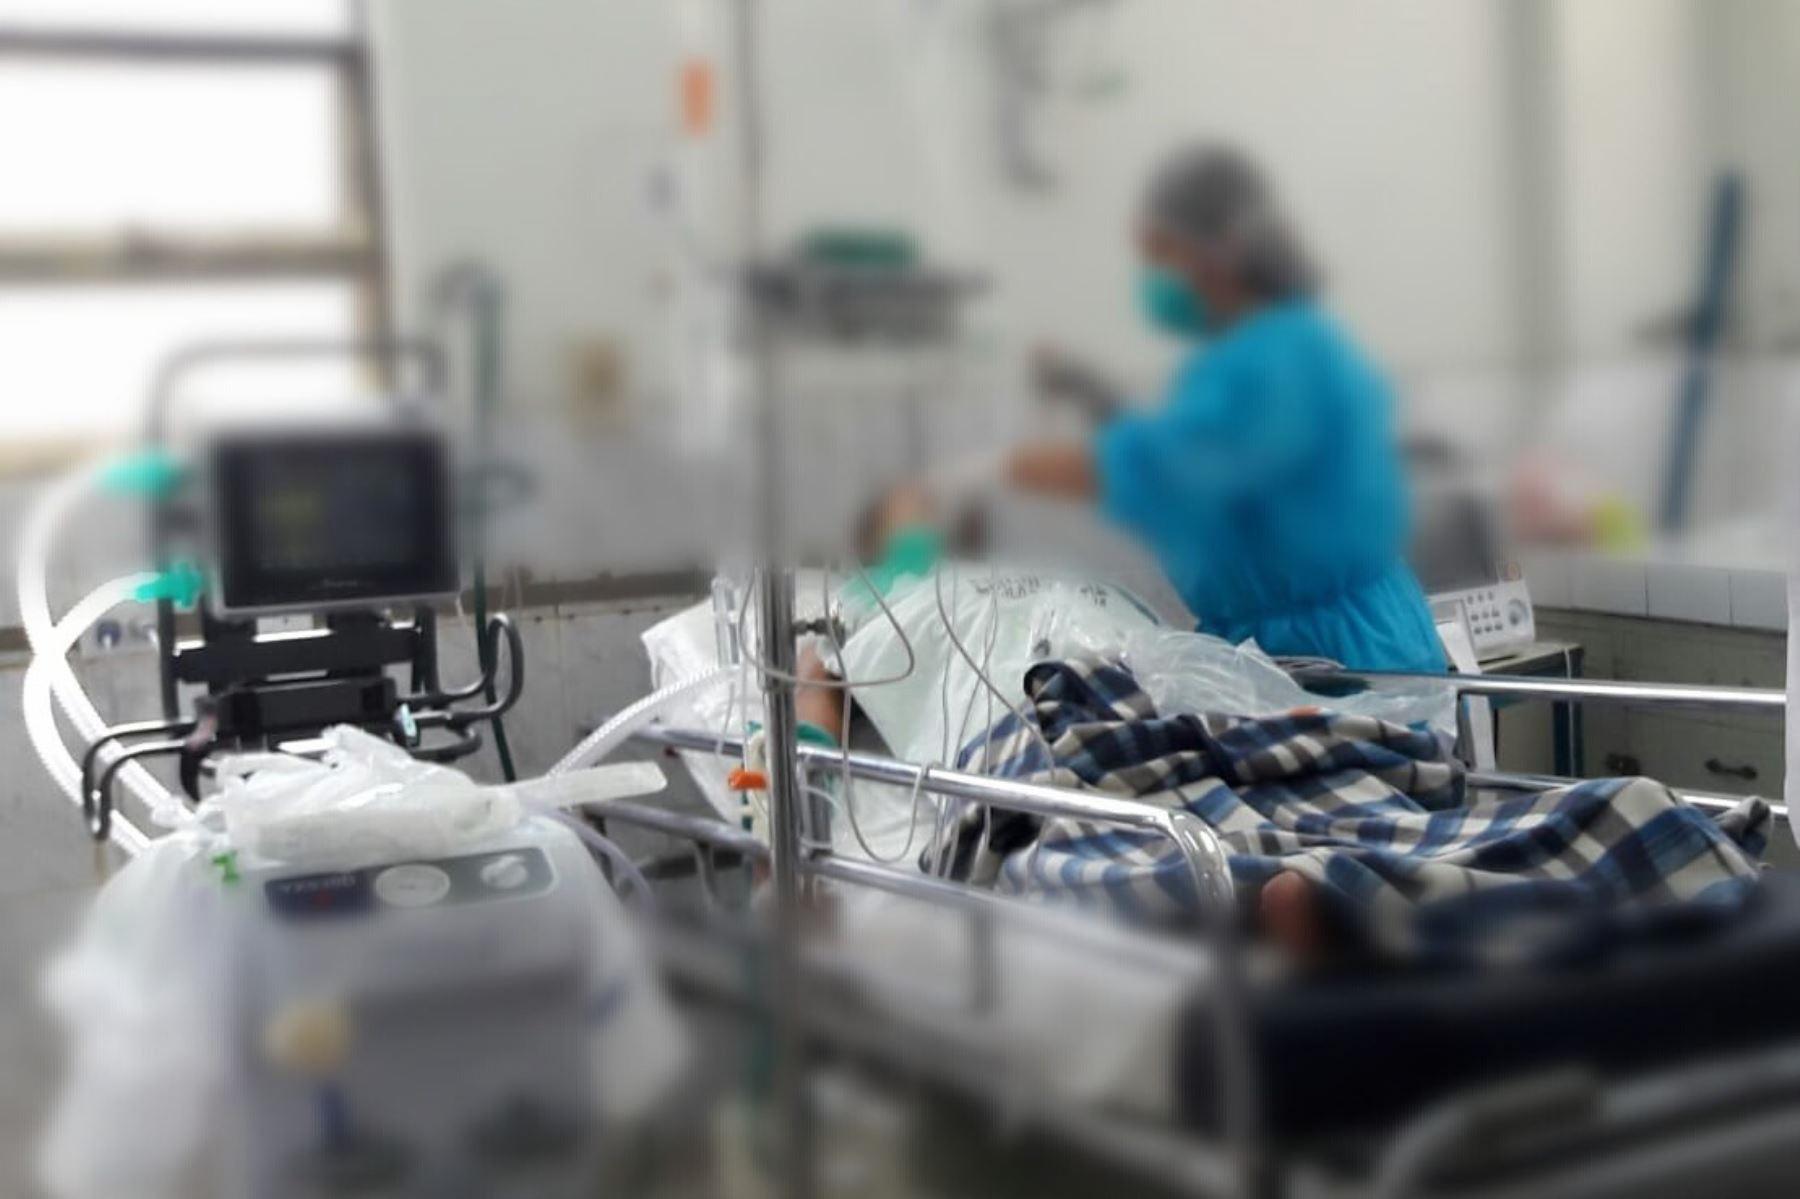 multaran-a-clinicas-que-no-tengan-a-personal-suficiente-para-atender-pacientes-publicos